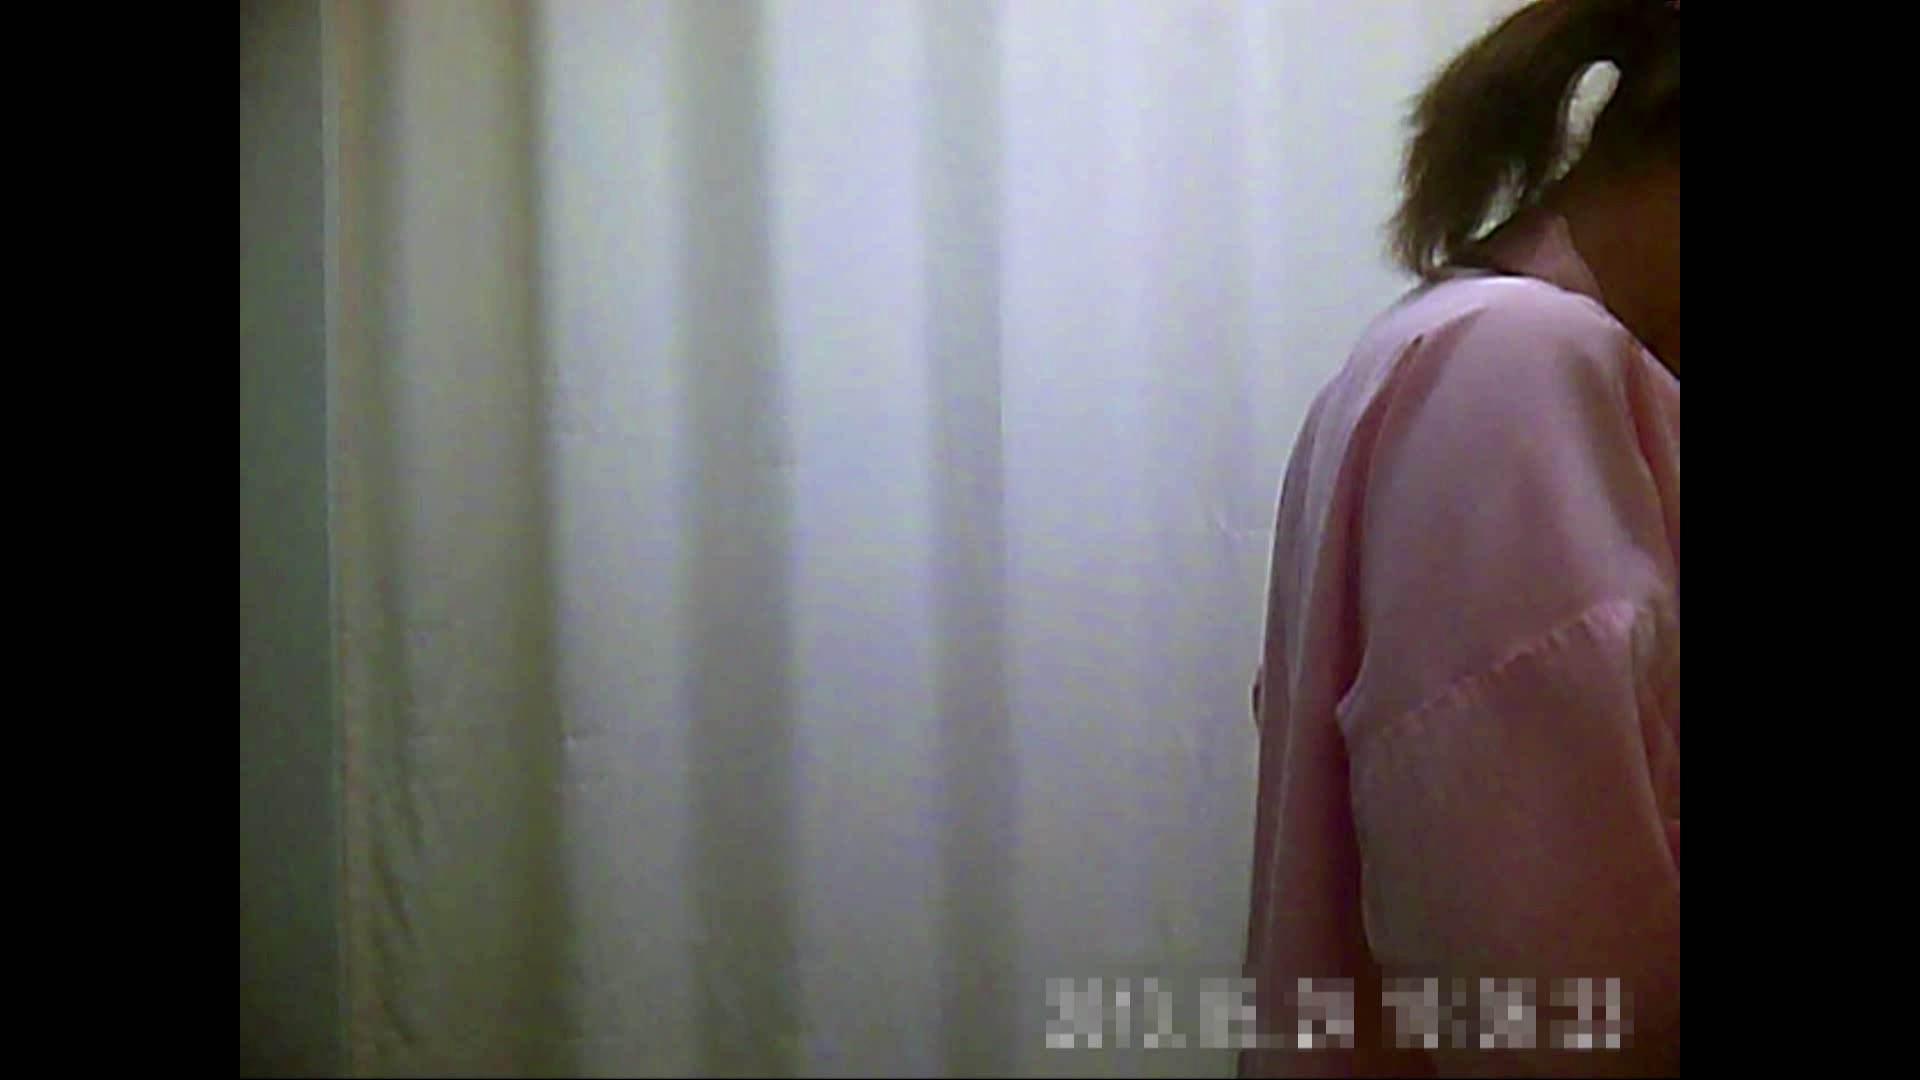 元医者による反抗 更衣室地獄絵巻 vol.044 OL   0  30連発 2